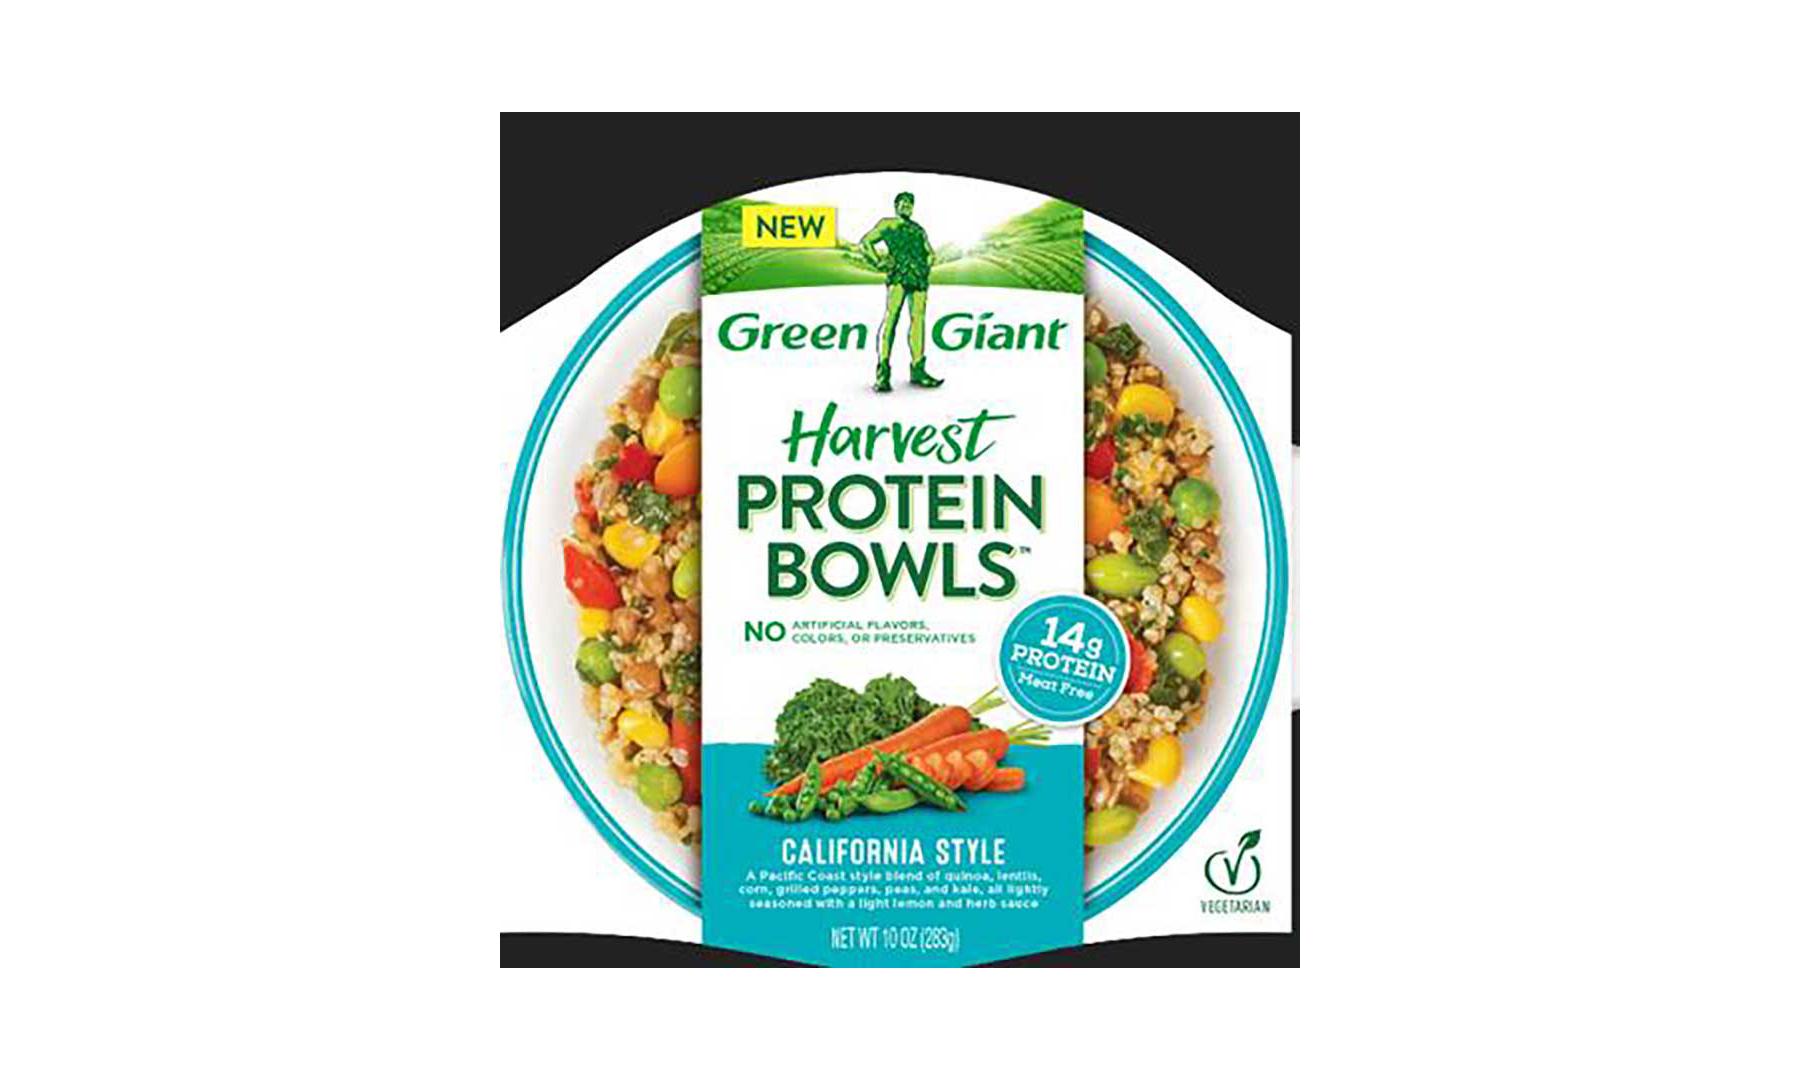 Green Giant Protein Bowl